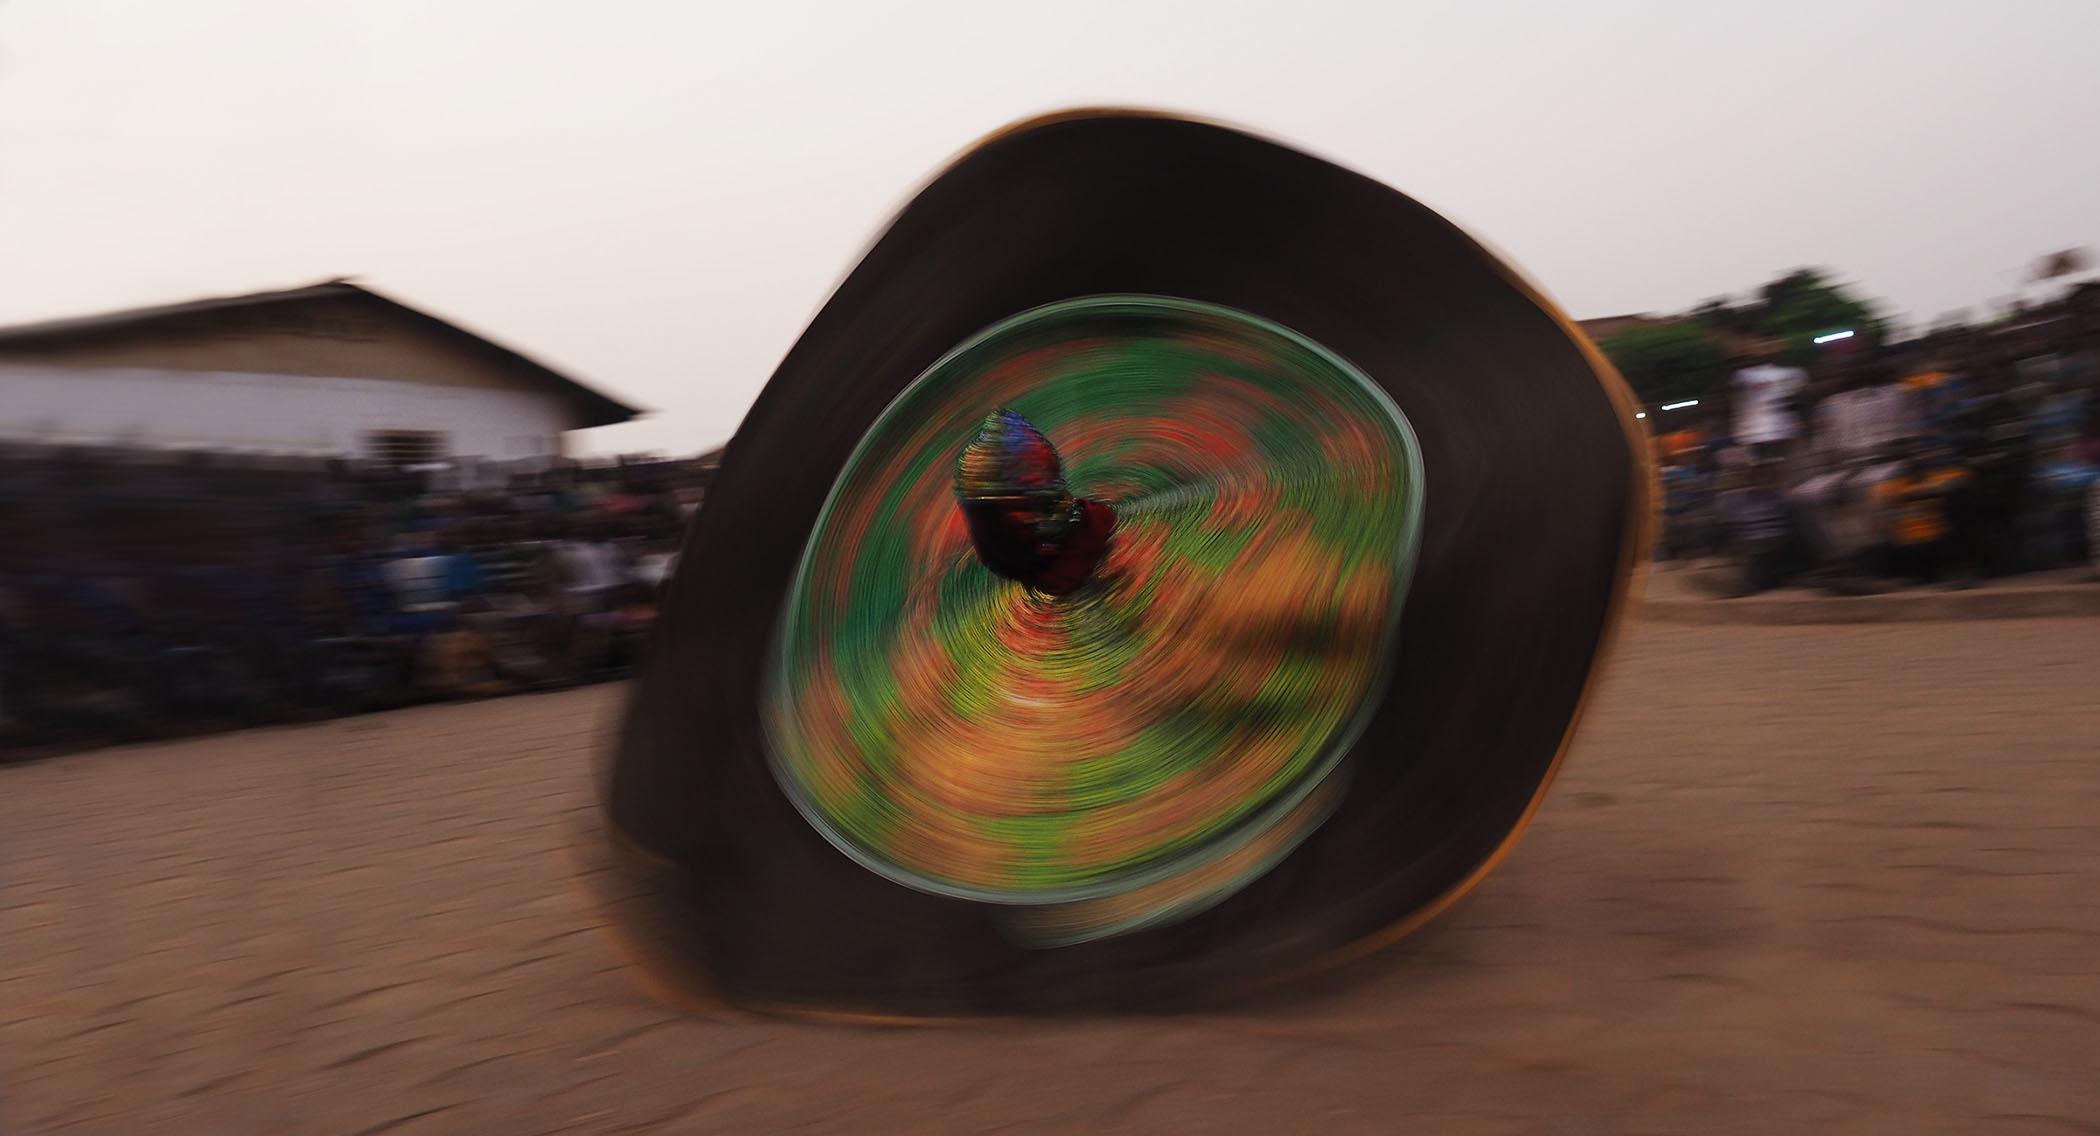 Tanz der Geister, Voodoo Festival Benin 2018